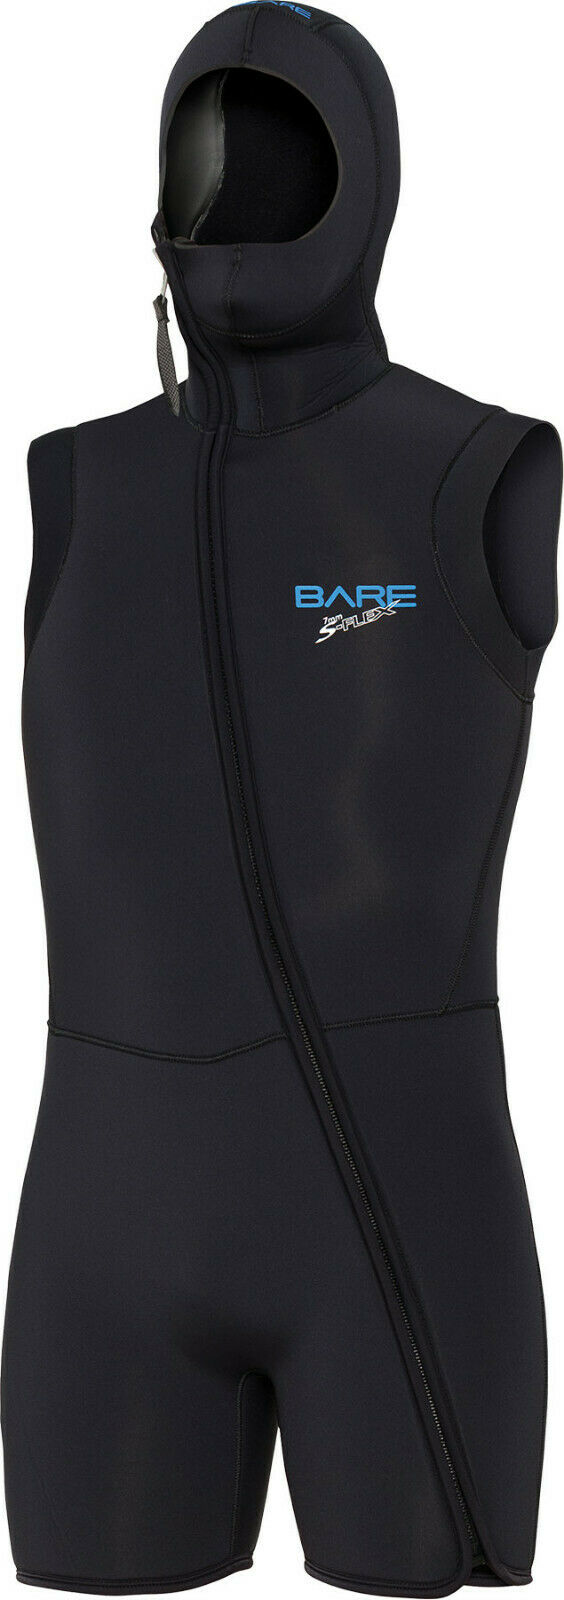 Bare Sport SFLEX Solette Cappuccio Gilet Uomo 7mm Scuba Diving Muta tutti Dimensiones